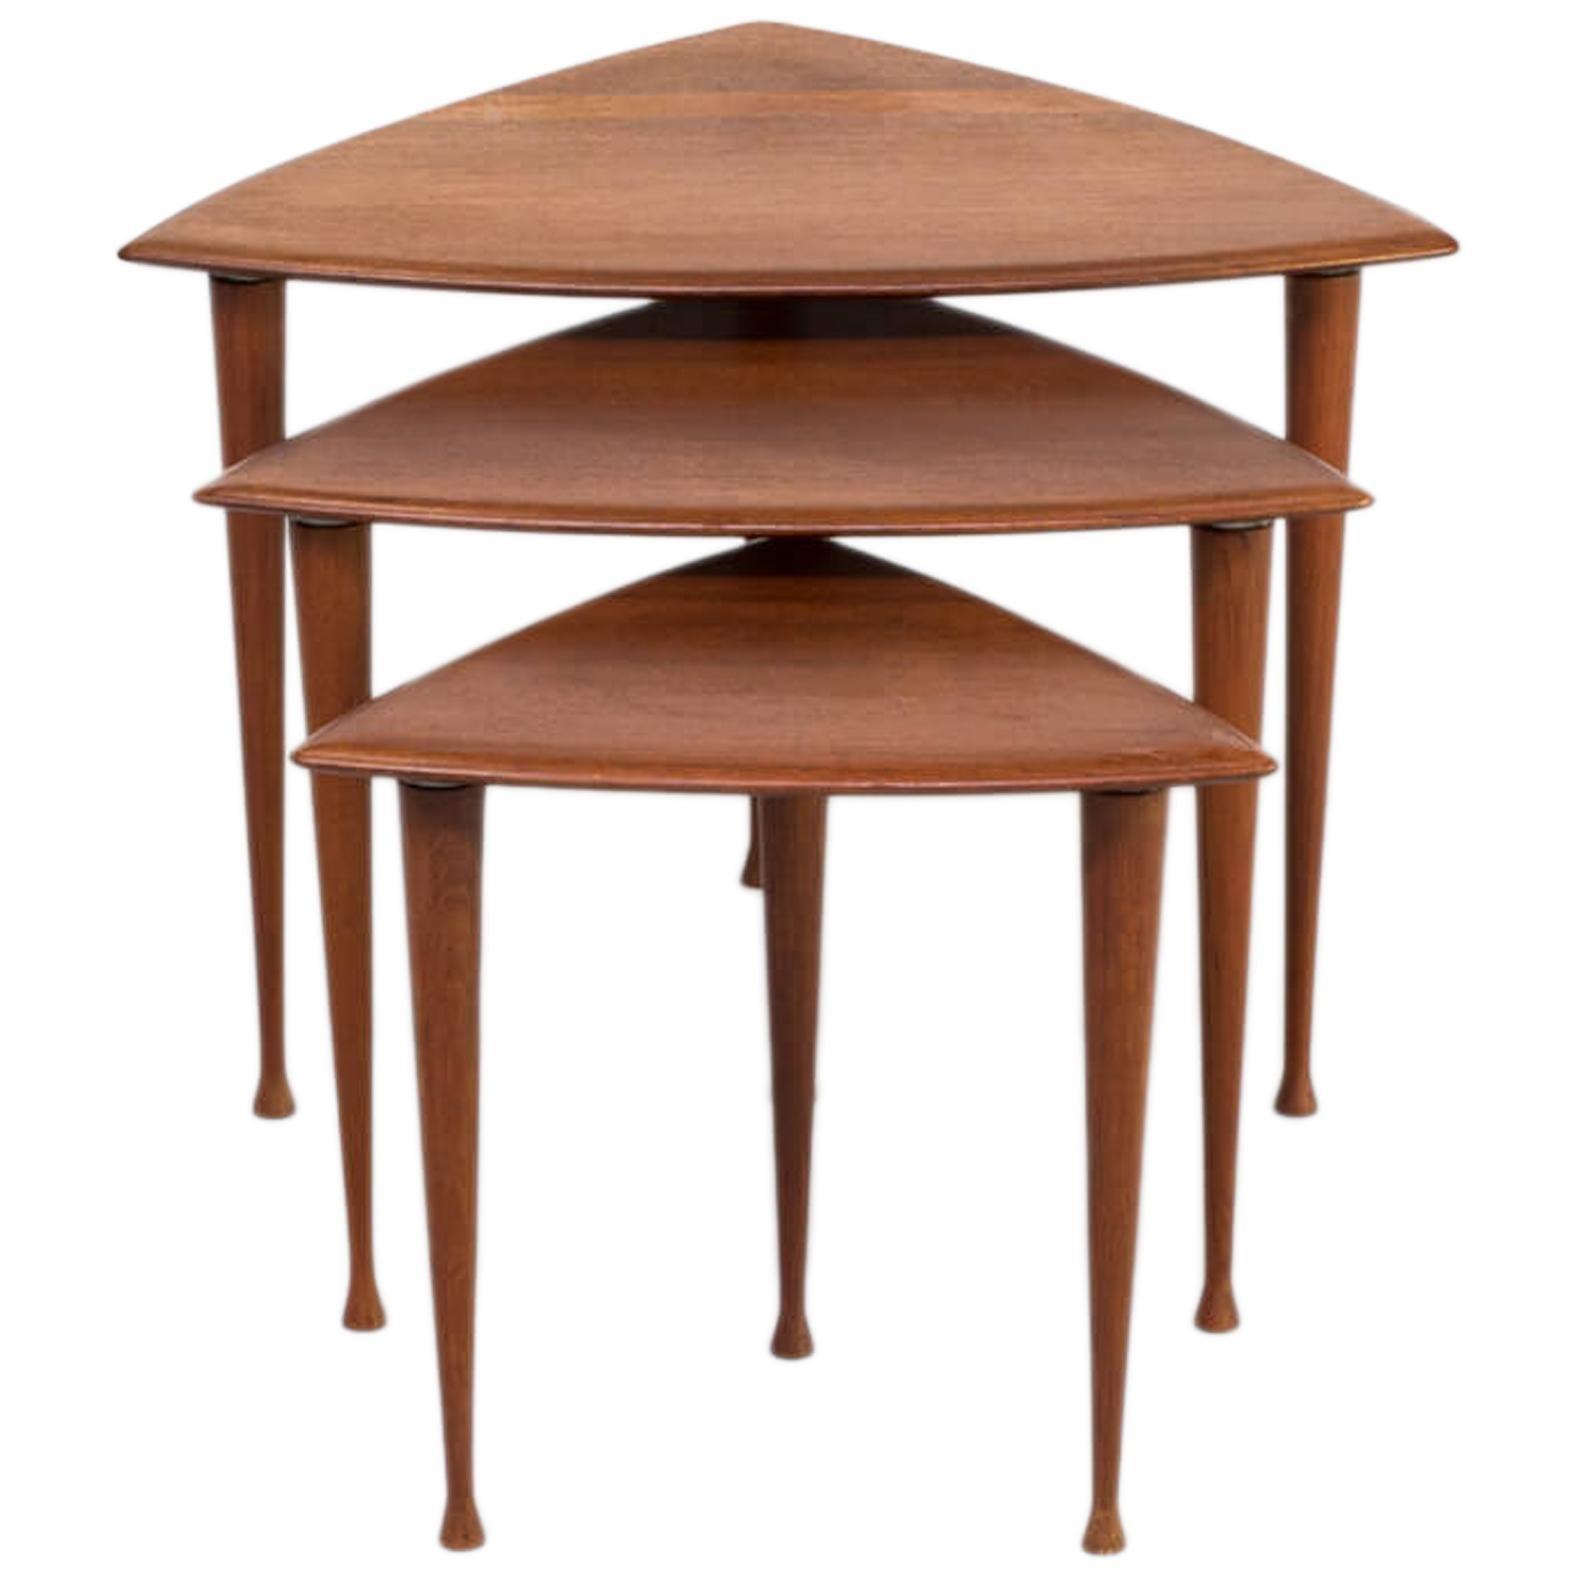 1950s Poul Thorsbjerg Jensen Teak Veneer Triangle Nesting Tables for Selig